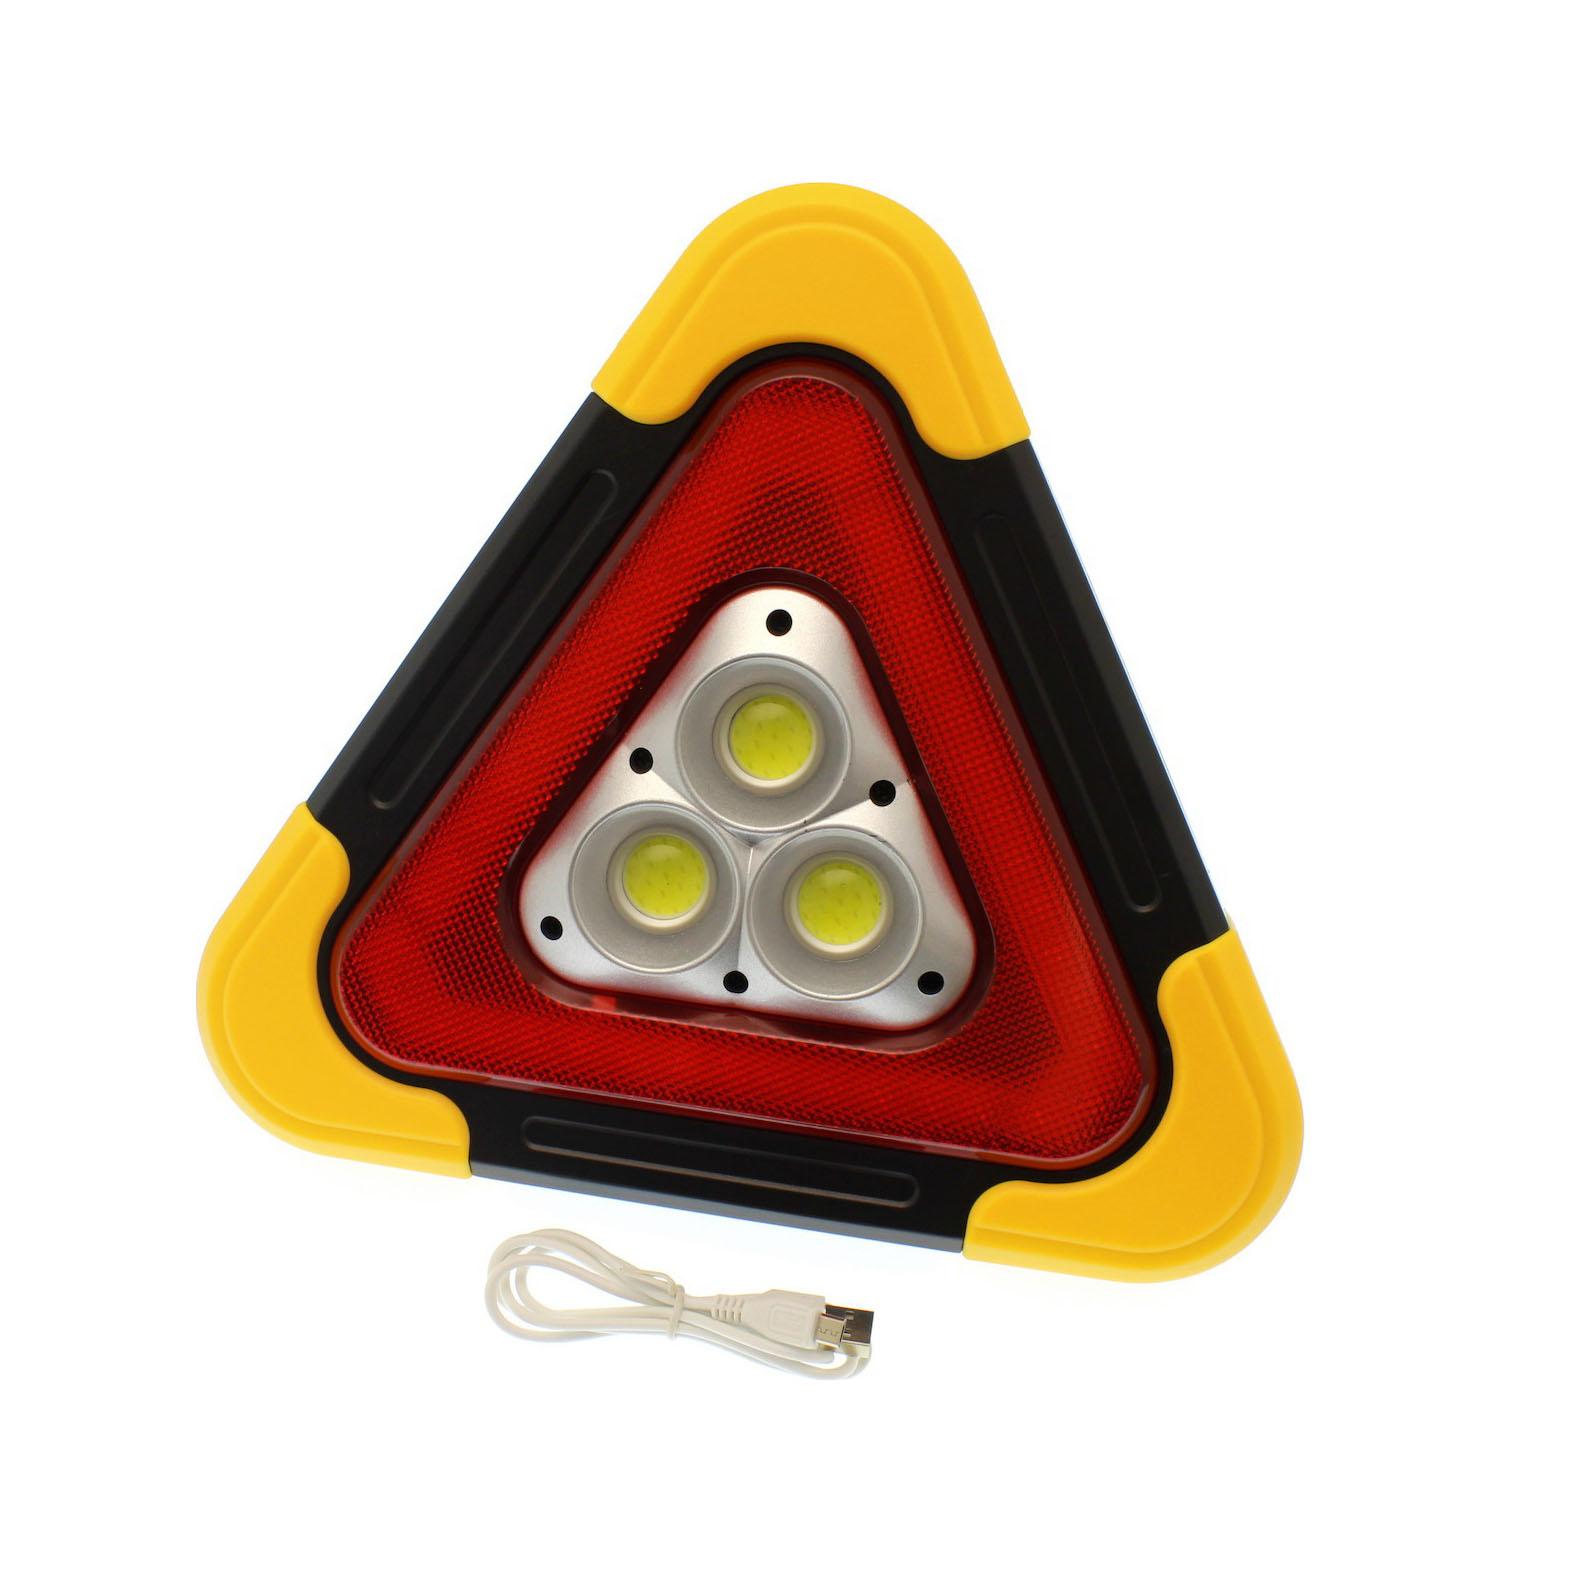 Ηλεκτρικό Προειδοποιητικό Τρίγωνο/Πολύεργαλείο HurryBolt – HB7709